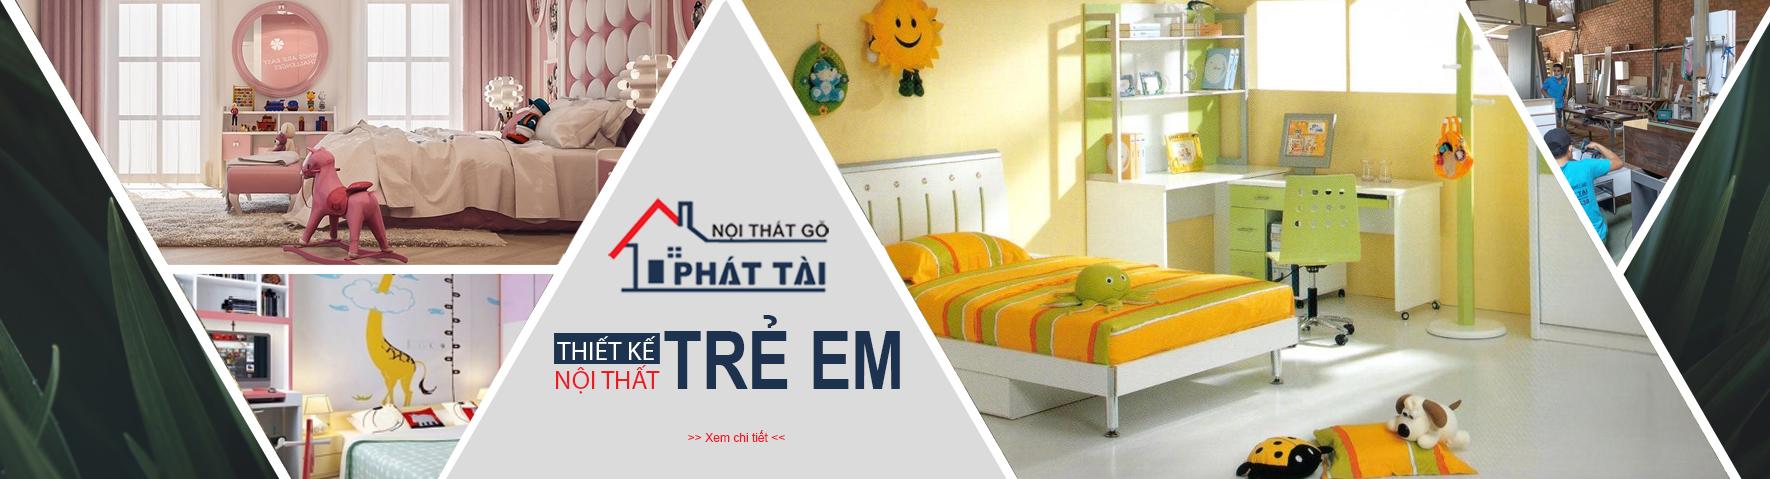 dich-vu-thiet-ke-noi-that-tre-em-as09d78